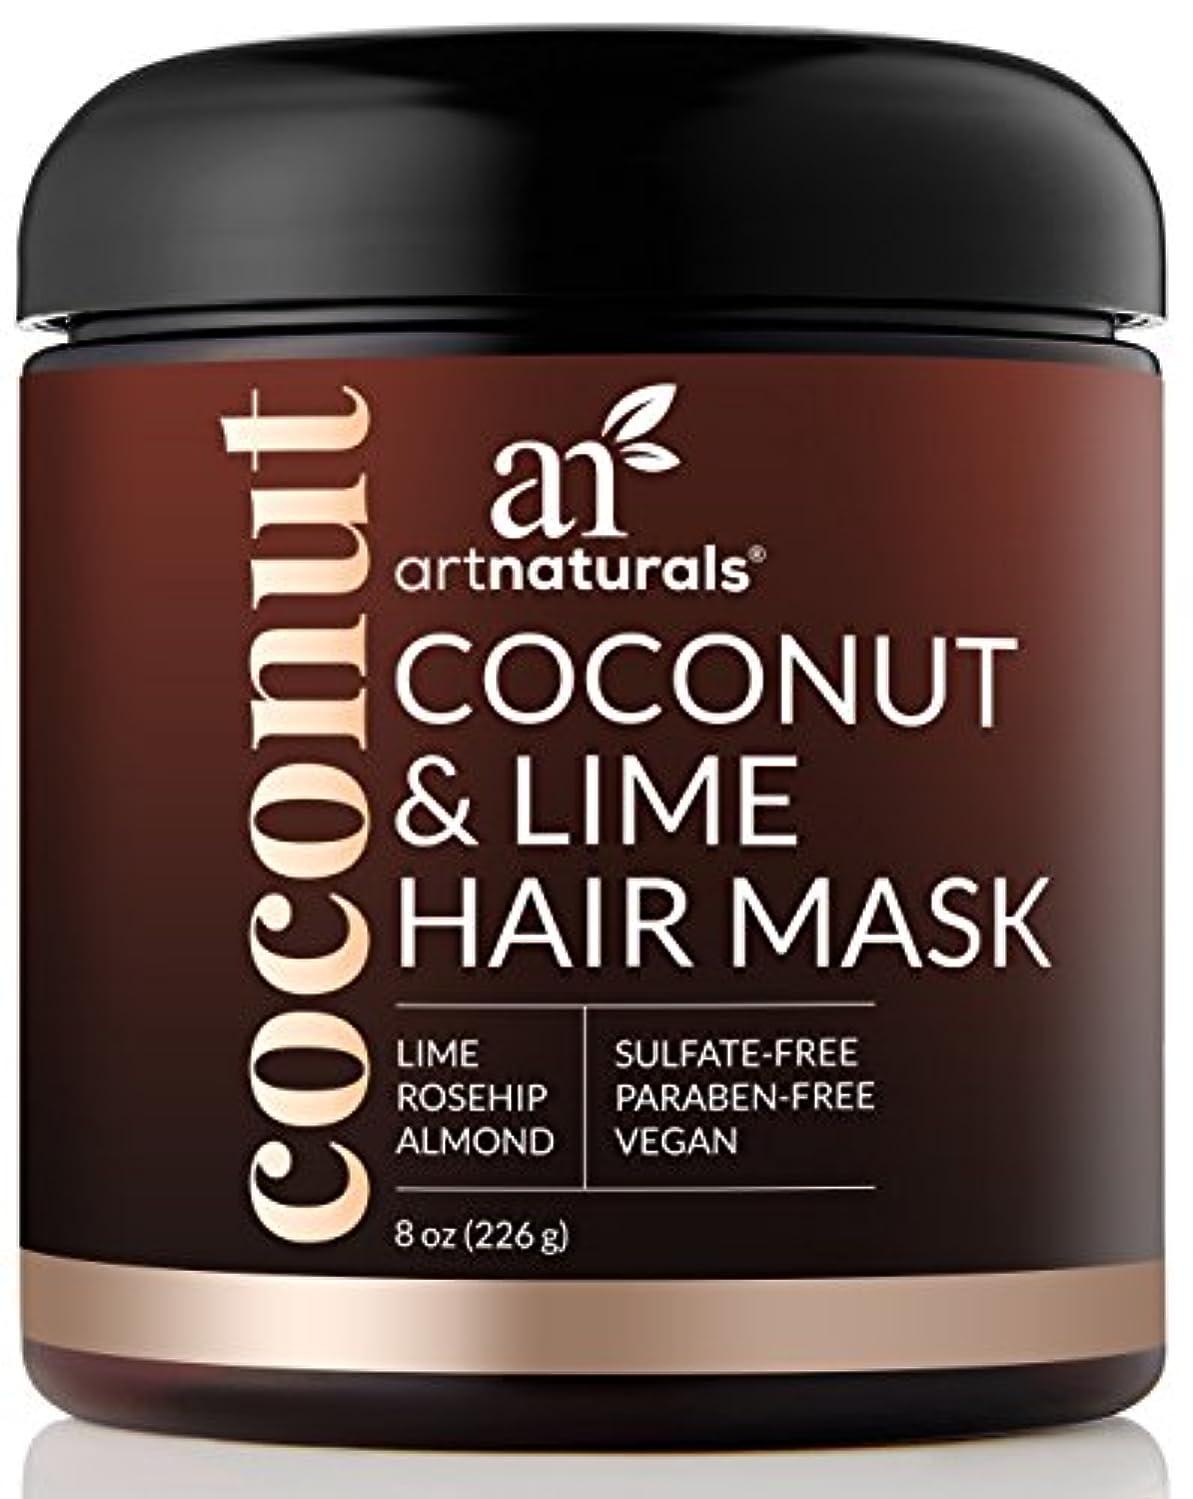 物足りないいじめっ子側面Artnaturals Coconut & Lime Hair Mask, 8 Ounce